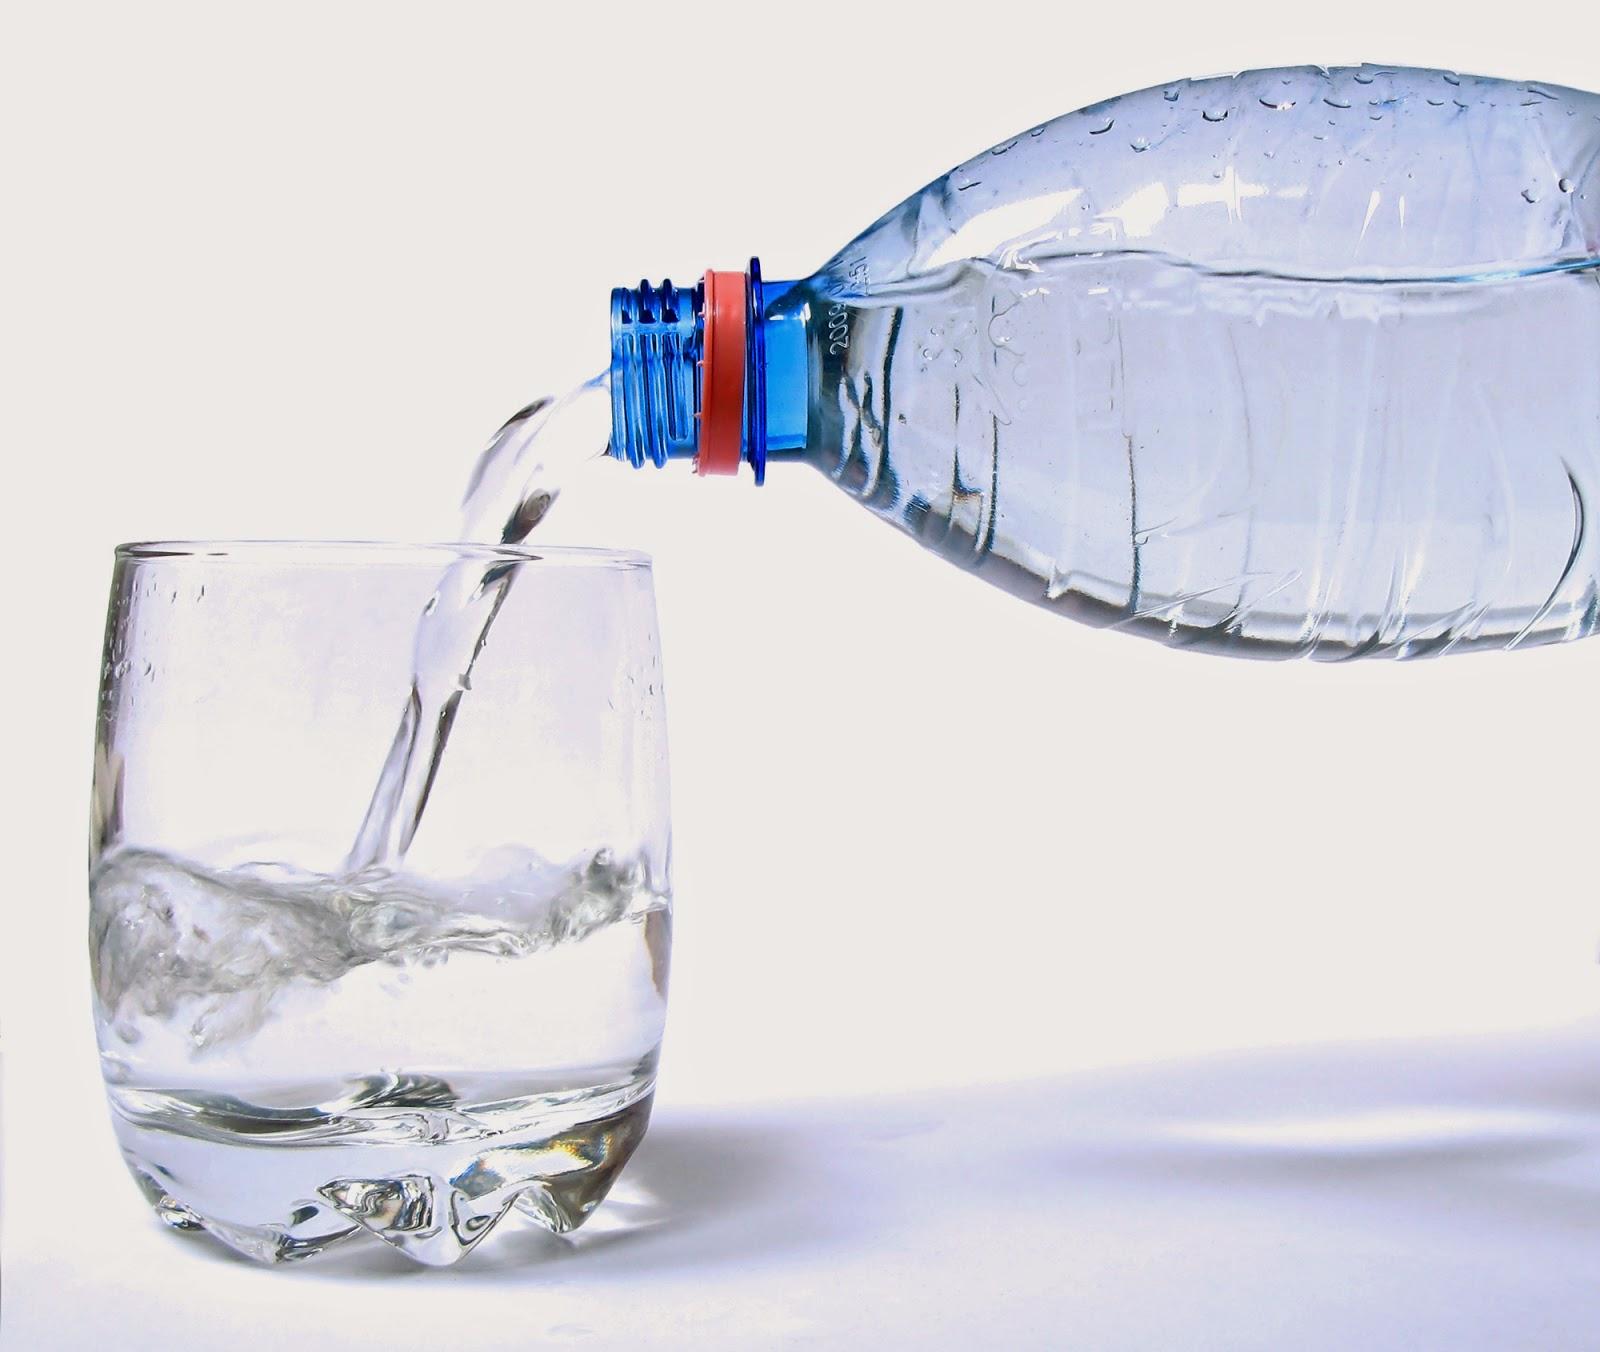 Air Selusuh Mudah Bersalin